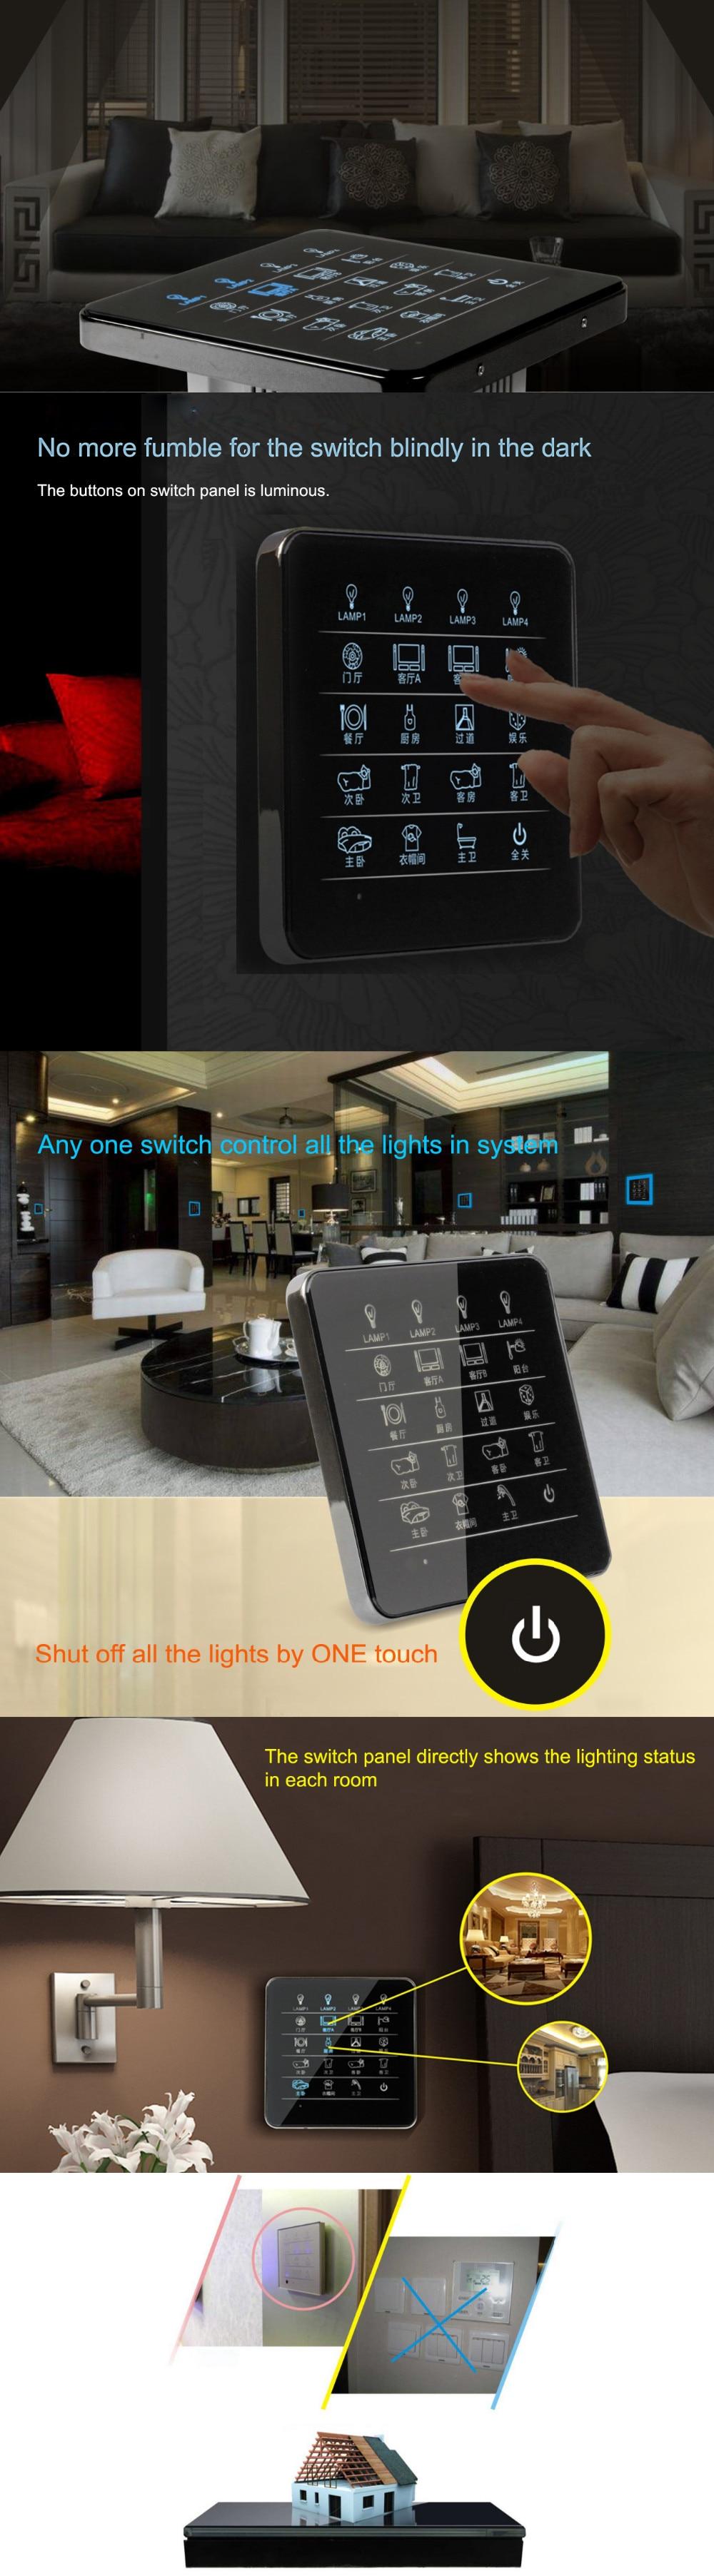 Королевский Умный домашний переключатель Сенсорный настенный переключатель дистанционного управления 60 способов лампы в 15 комнатах, с роскошным дизайном рамы из цинкового сплава